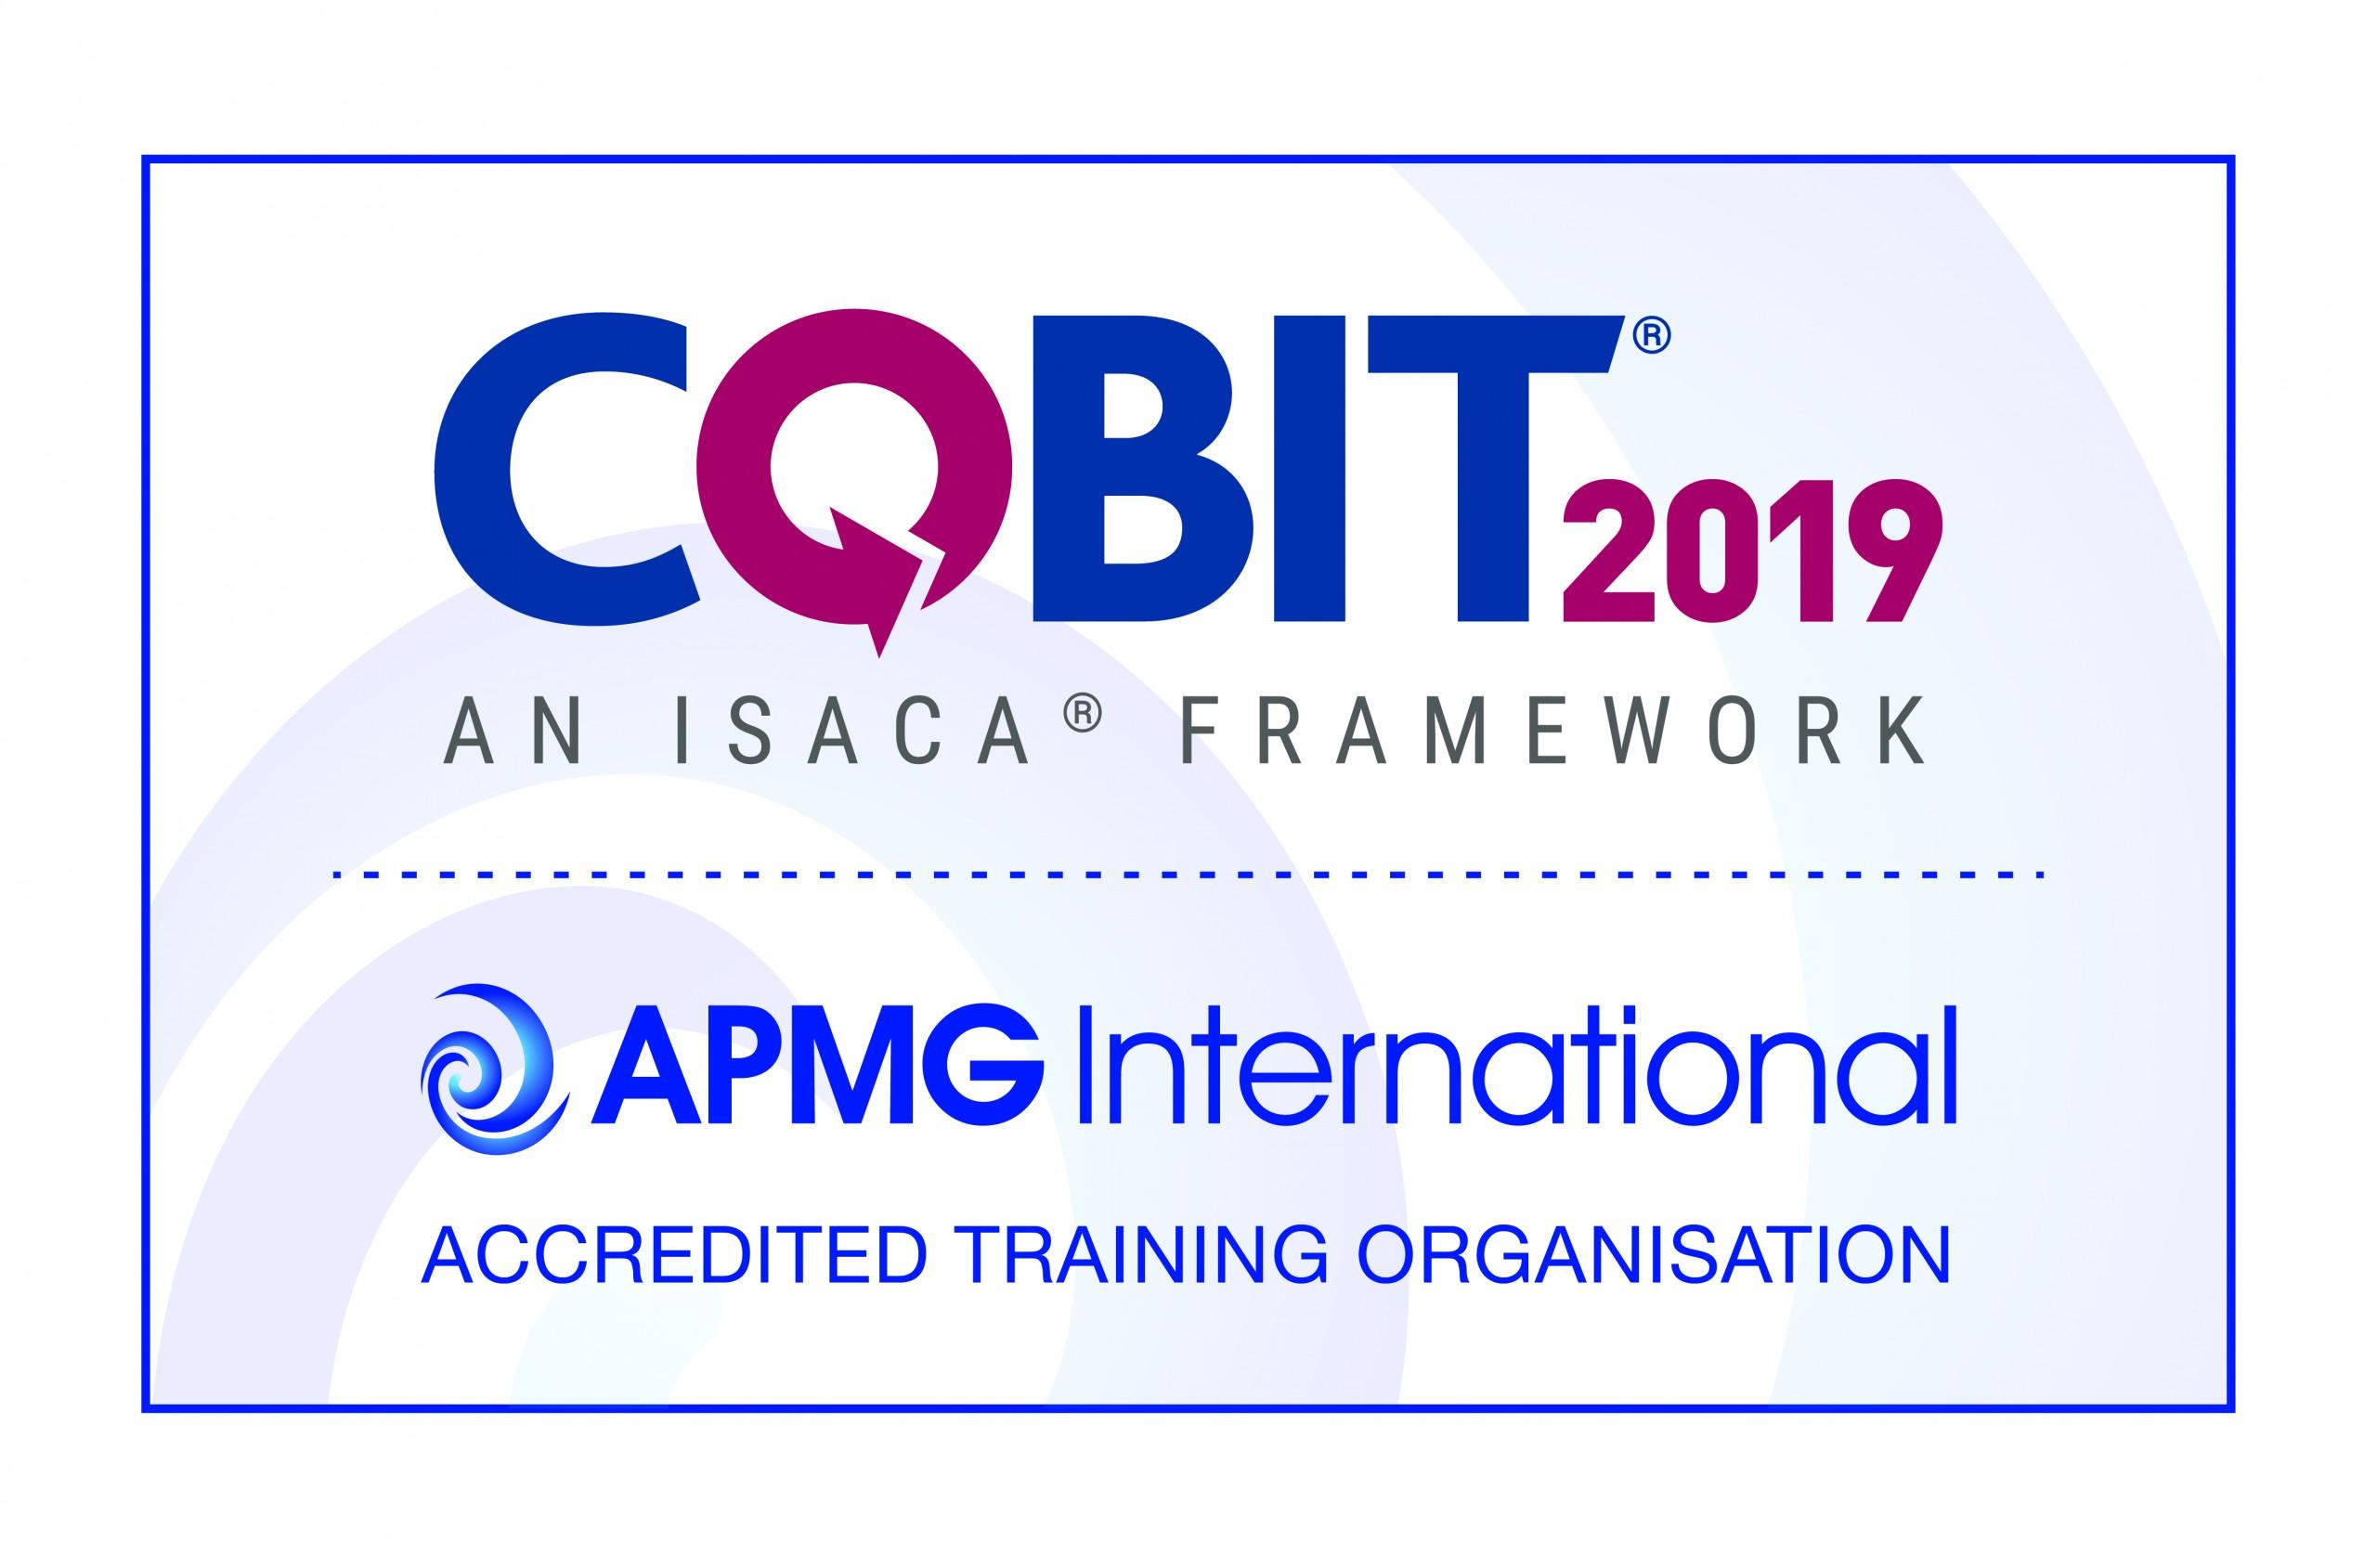 Certificazione COBIT 2019